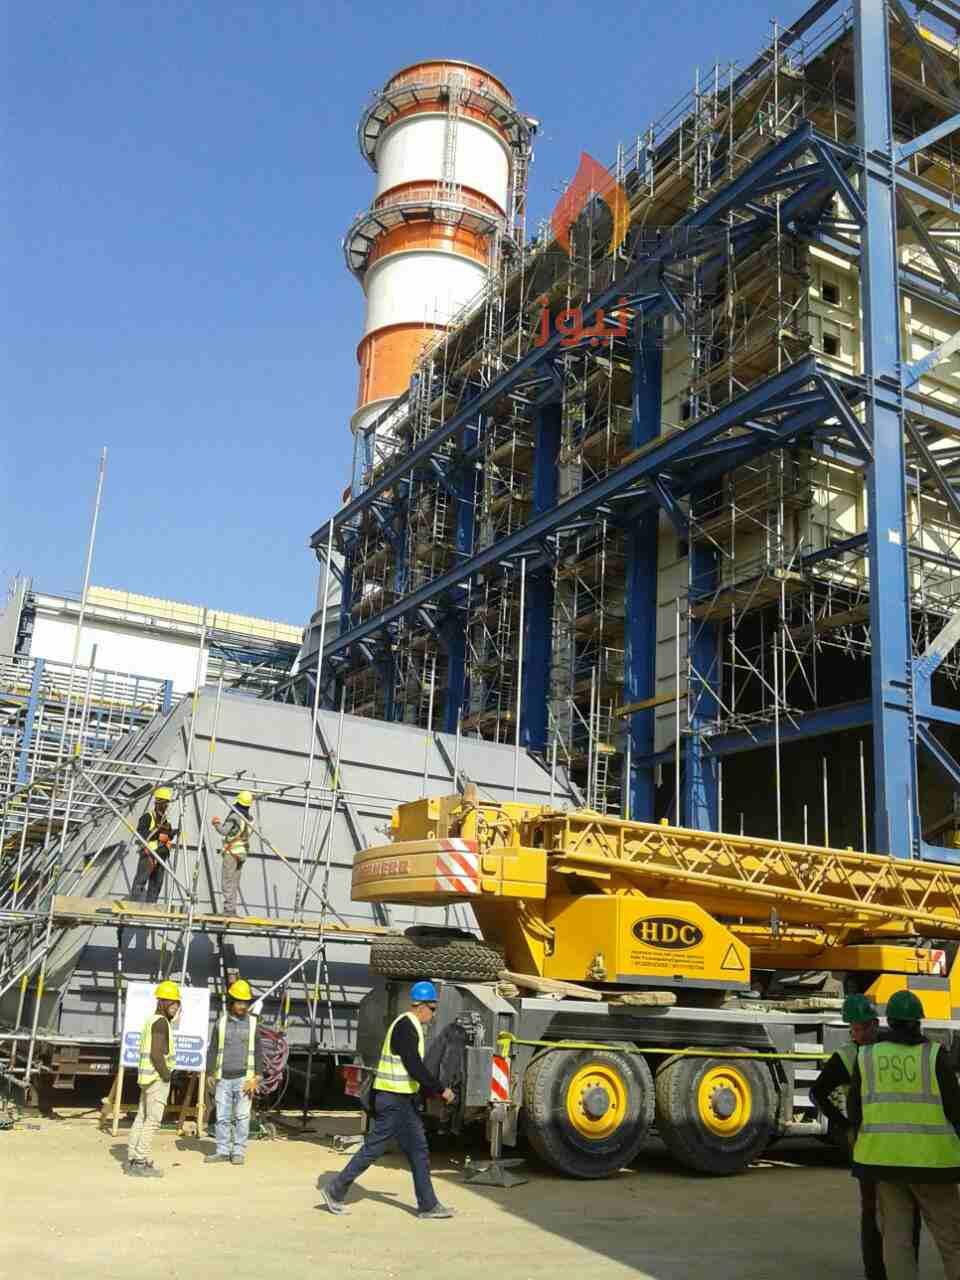 بالصور.. تقدم كبير في تنفيذ المرحلة الثانية من محطة توليد بني سويف وانشاءات المكون البخاري ترتفع بالموقع